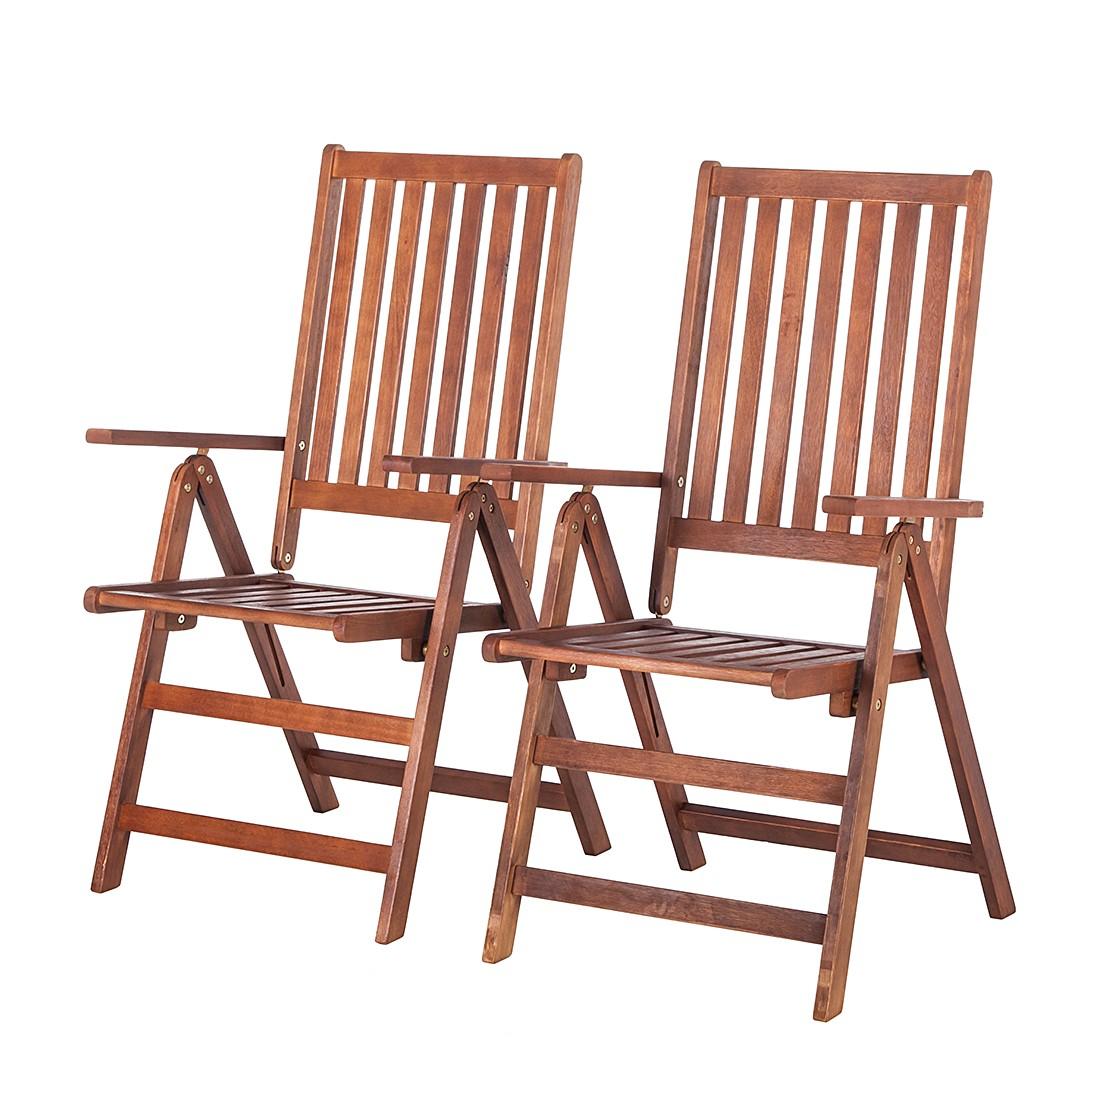 Sedia A Sdraio Euka Nautre (set Da 2) Legno Massello Di Eucalipto  #A04A2B 1100 1100 Sedie A Sdraio In Legno Ikea